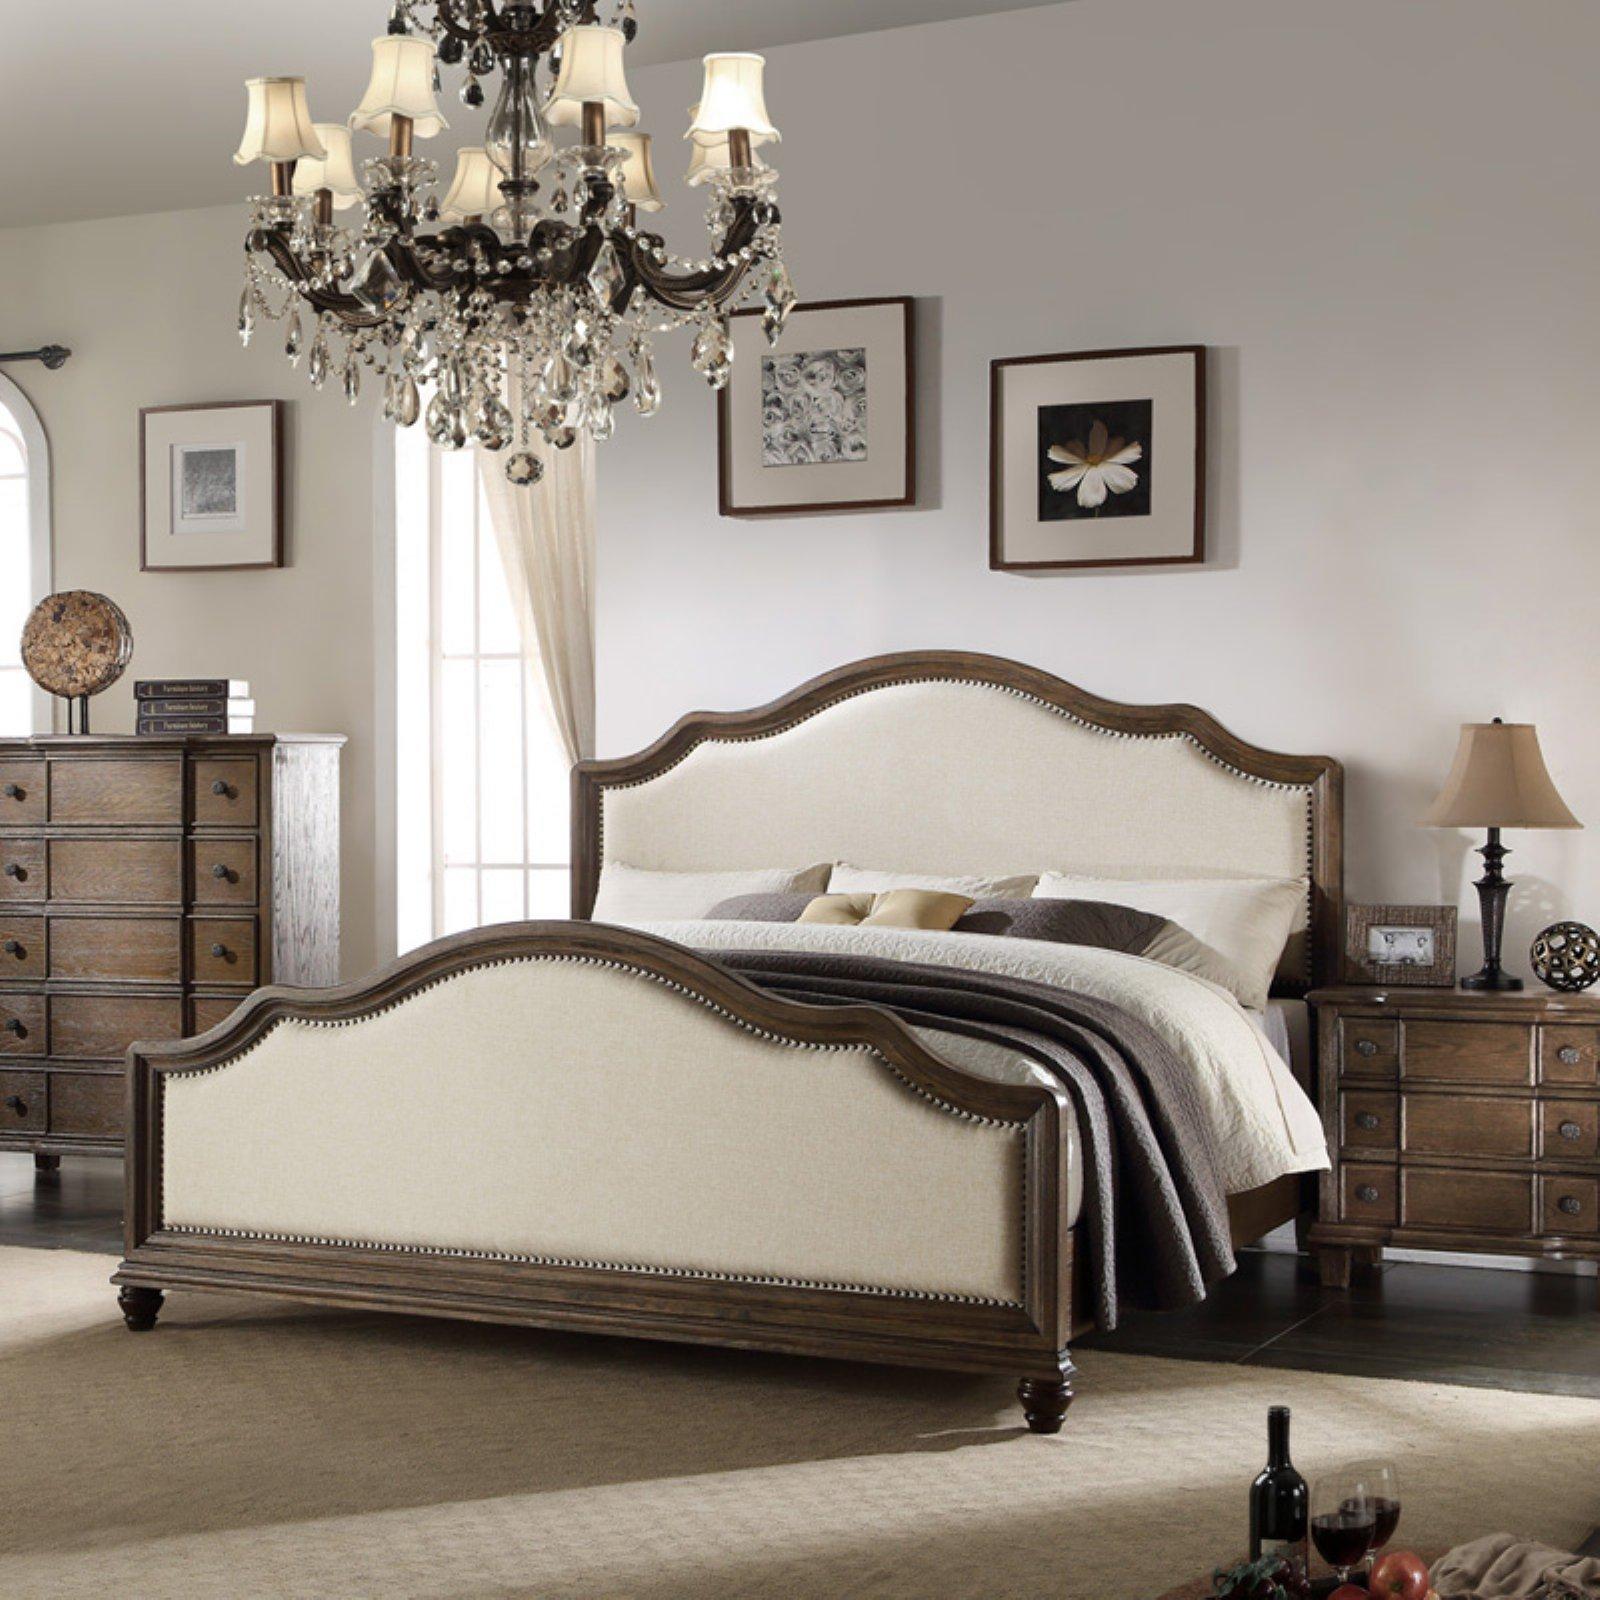 ACME Baudouin Eastern King Bed in Beige Linen & Weathered Oak, Multiple Sizes